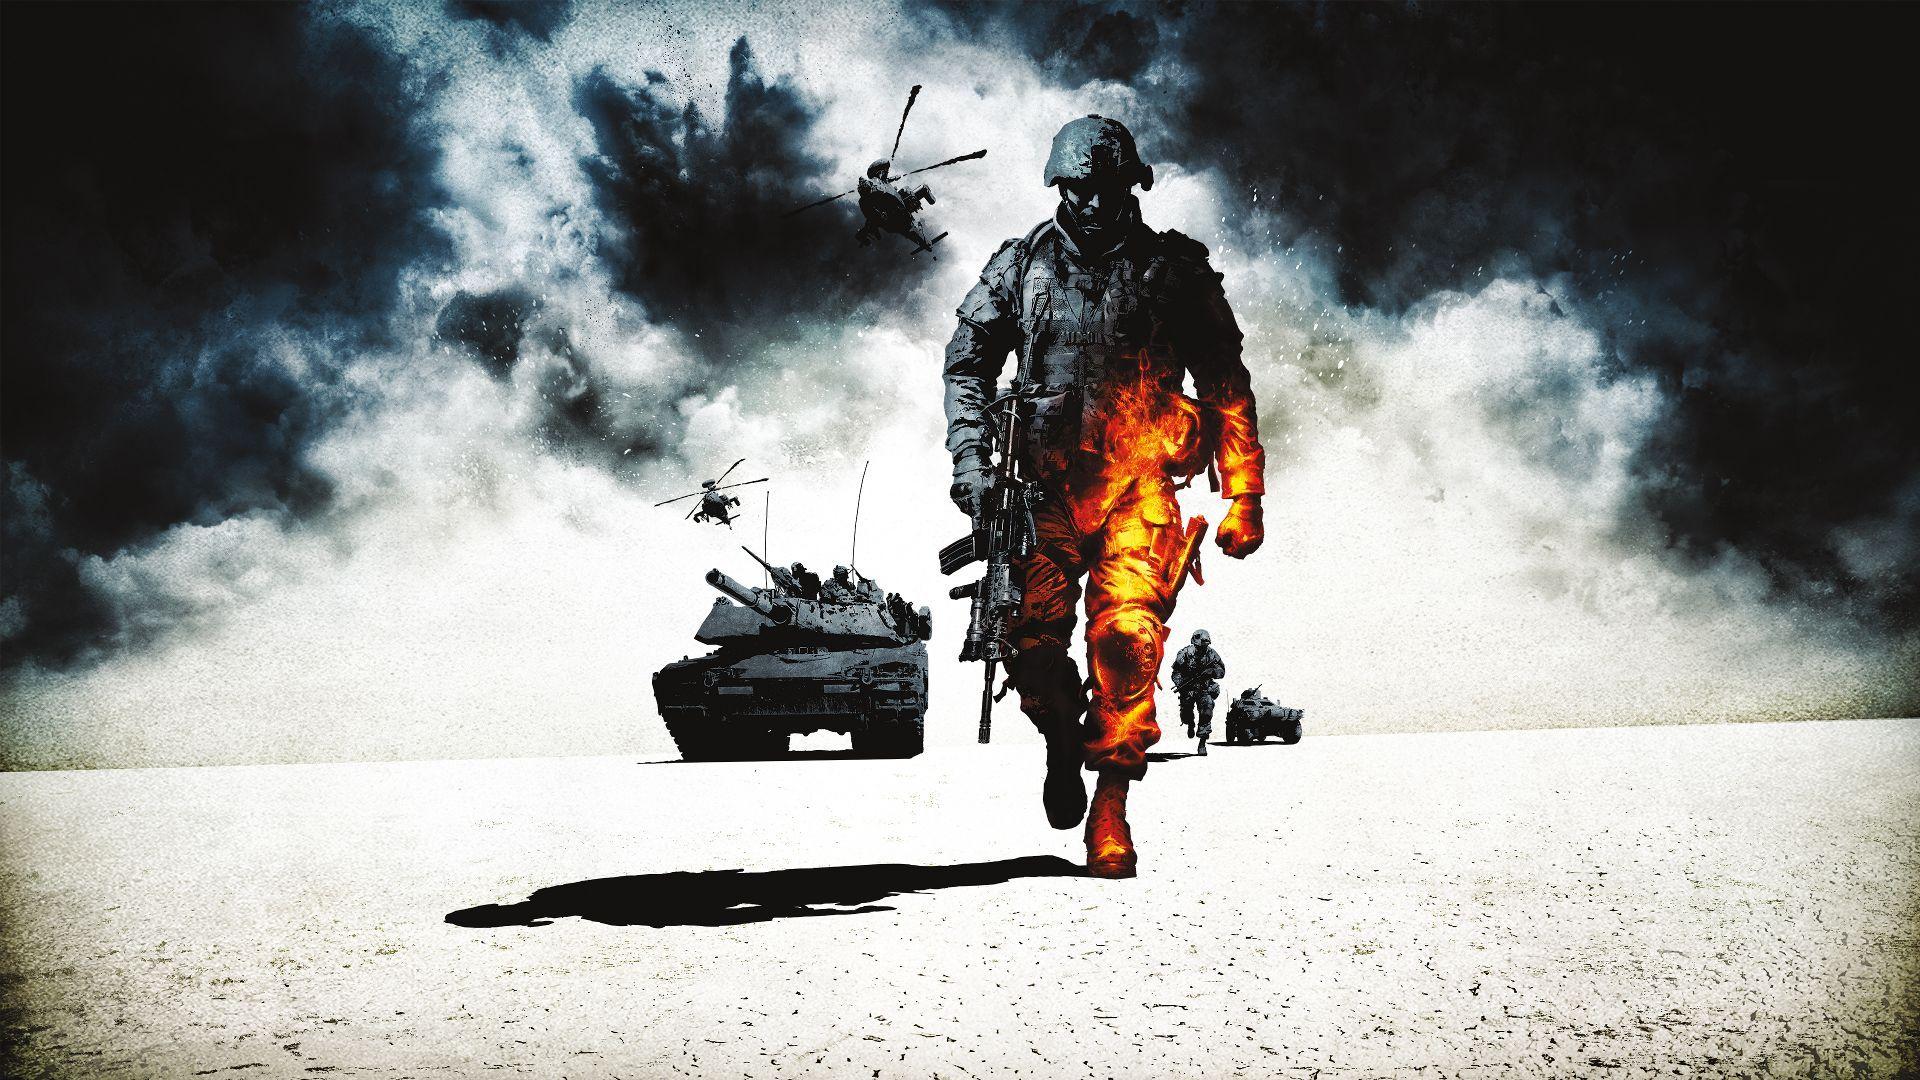 سی دی کی اریجینال بازی Battlefield: Bad Company 2